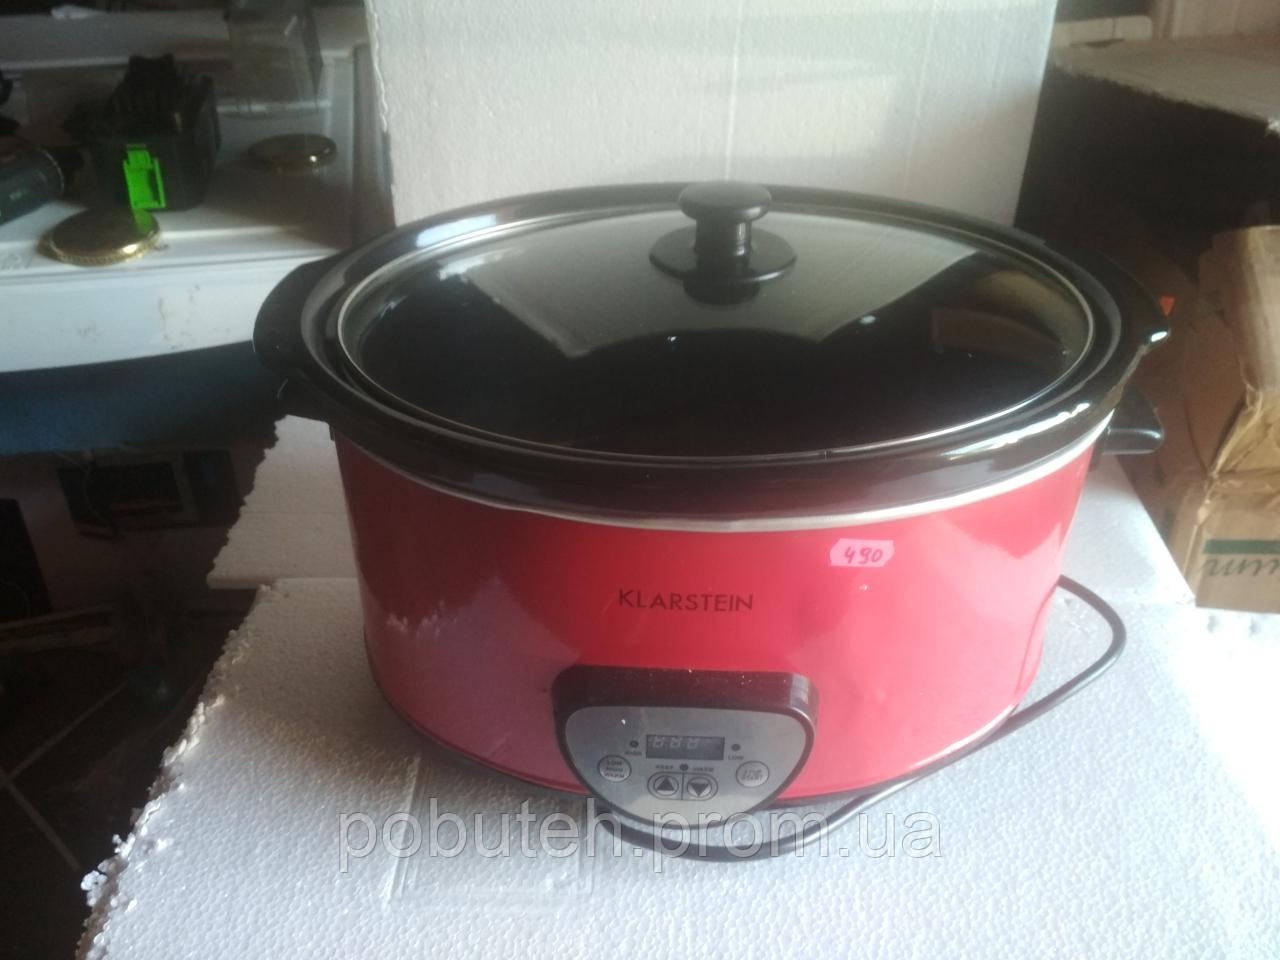 Медленноварка Klarstein Bankett Slow Cooker digital